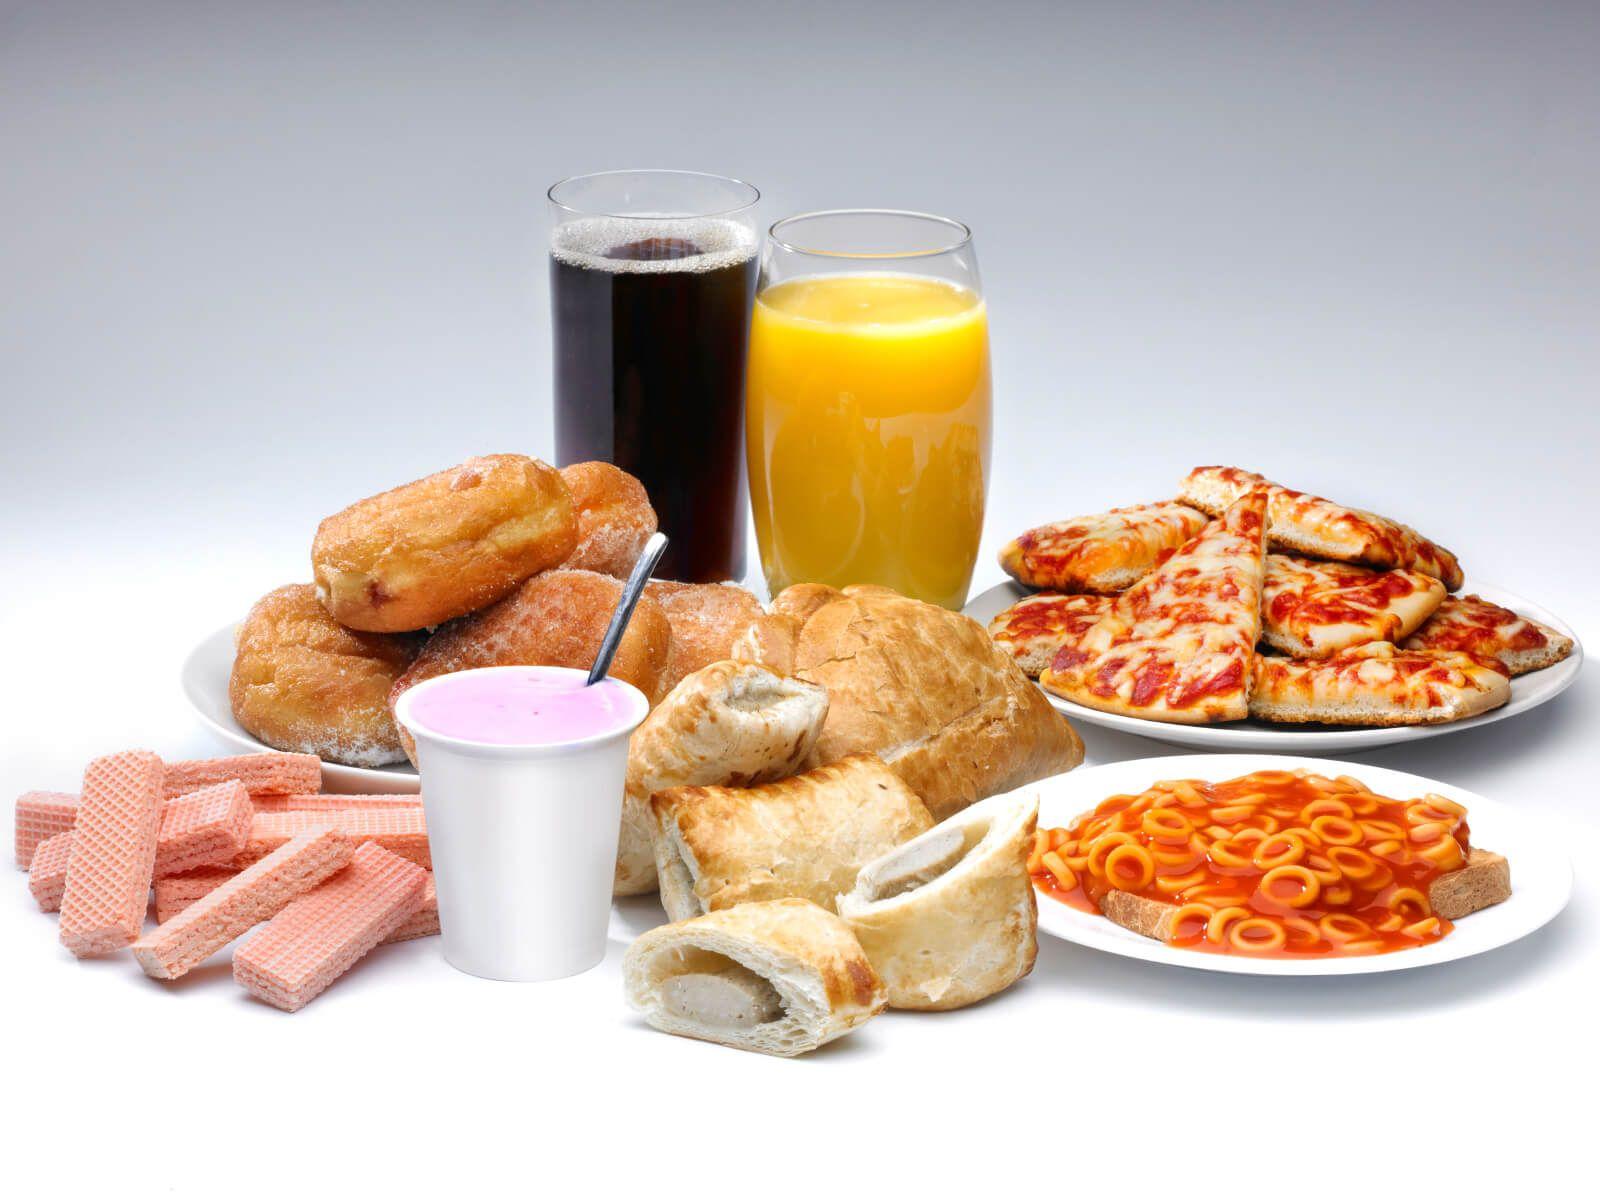 as prosperous diet plans